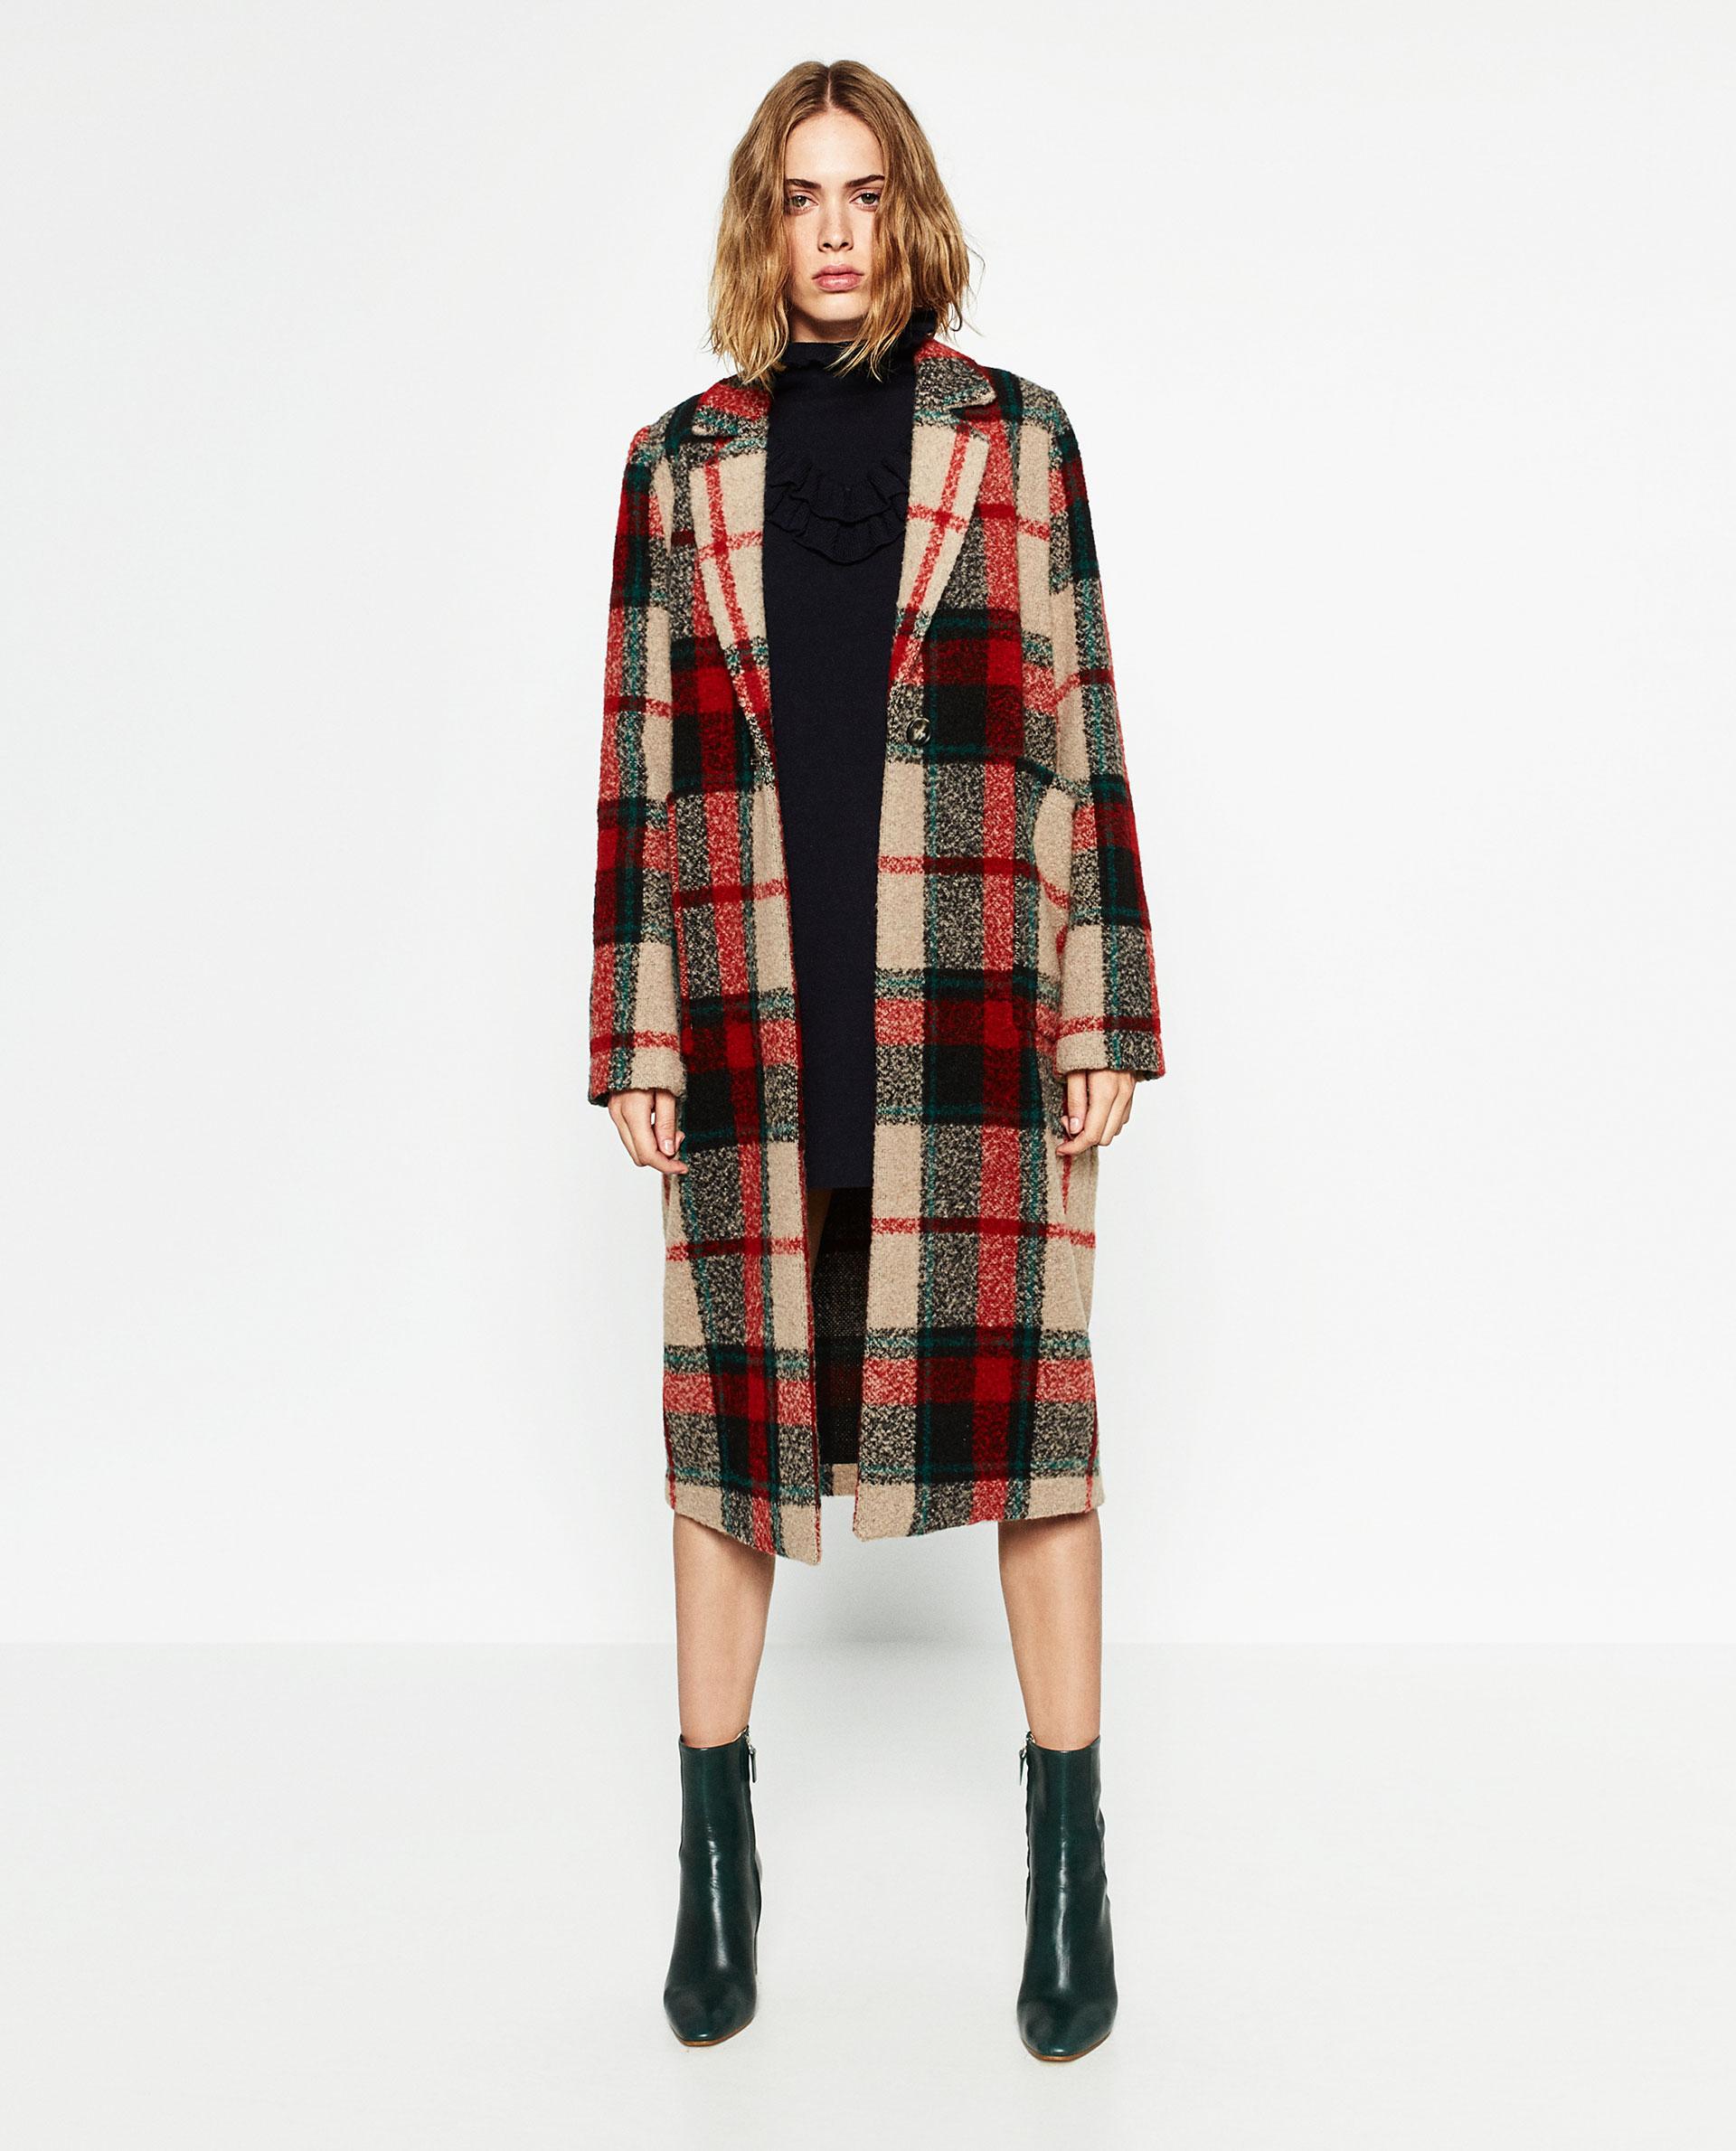 Cappotto invernale a quadri, lo trovate da Zara